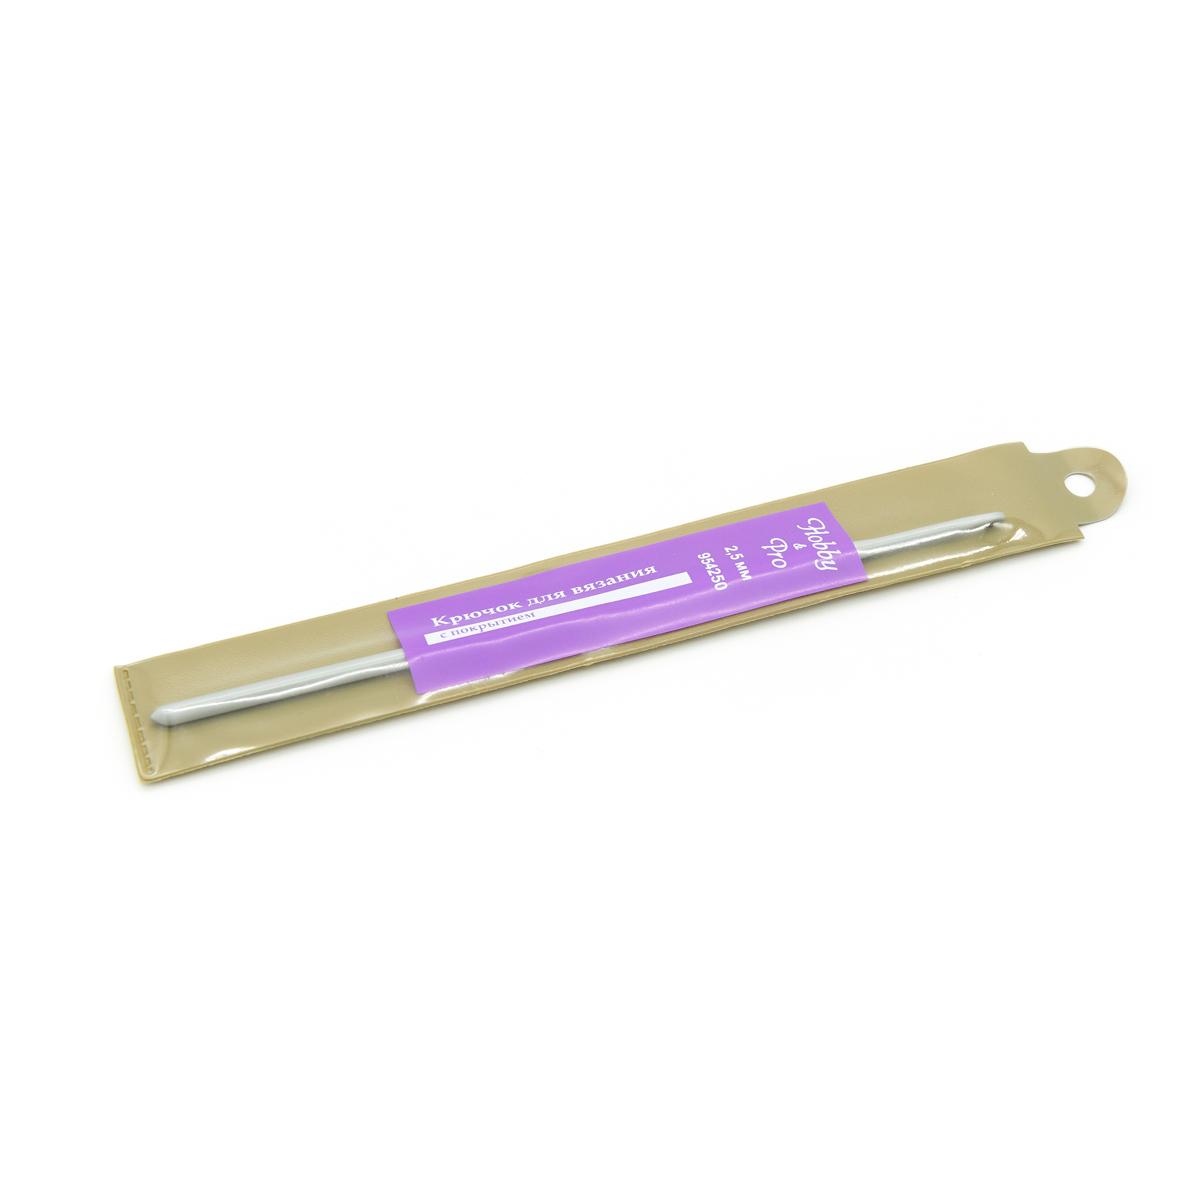 Крючок для вязания с покрытием 954250, 2,5 мм, Hobby&Pro